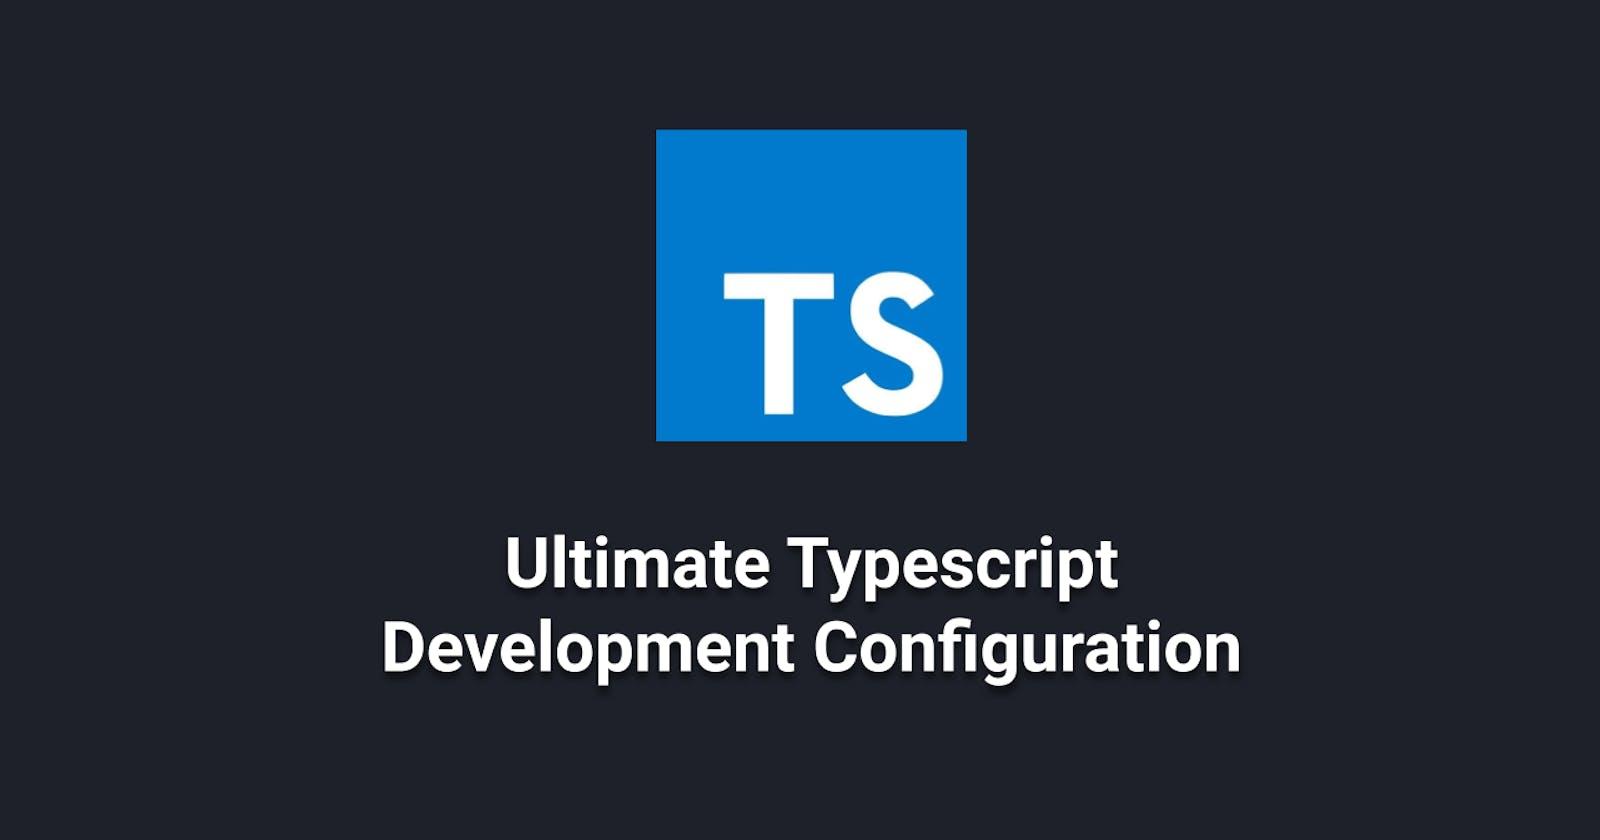 The Ultimate TypeScript Development Configuration